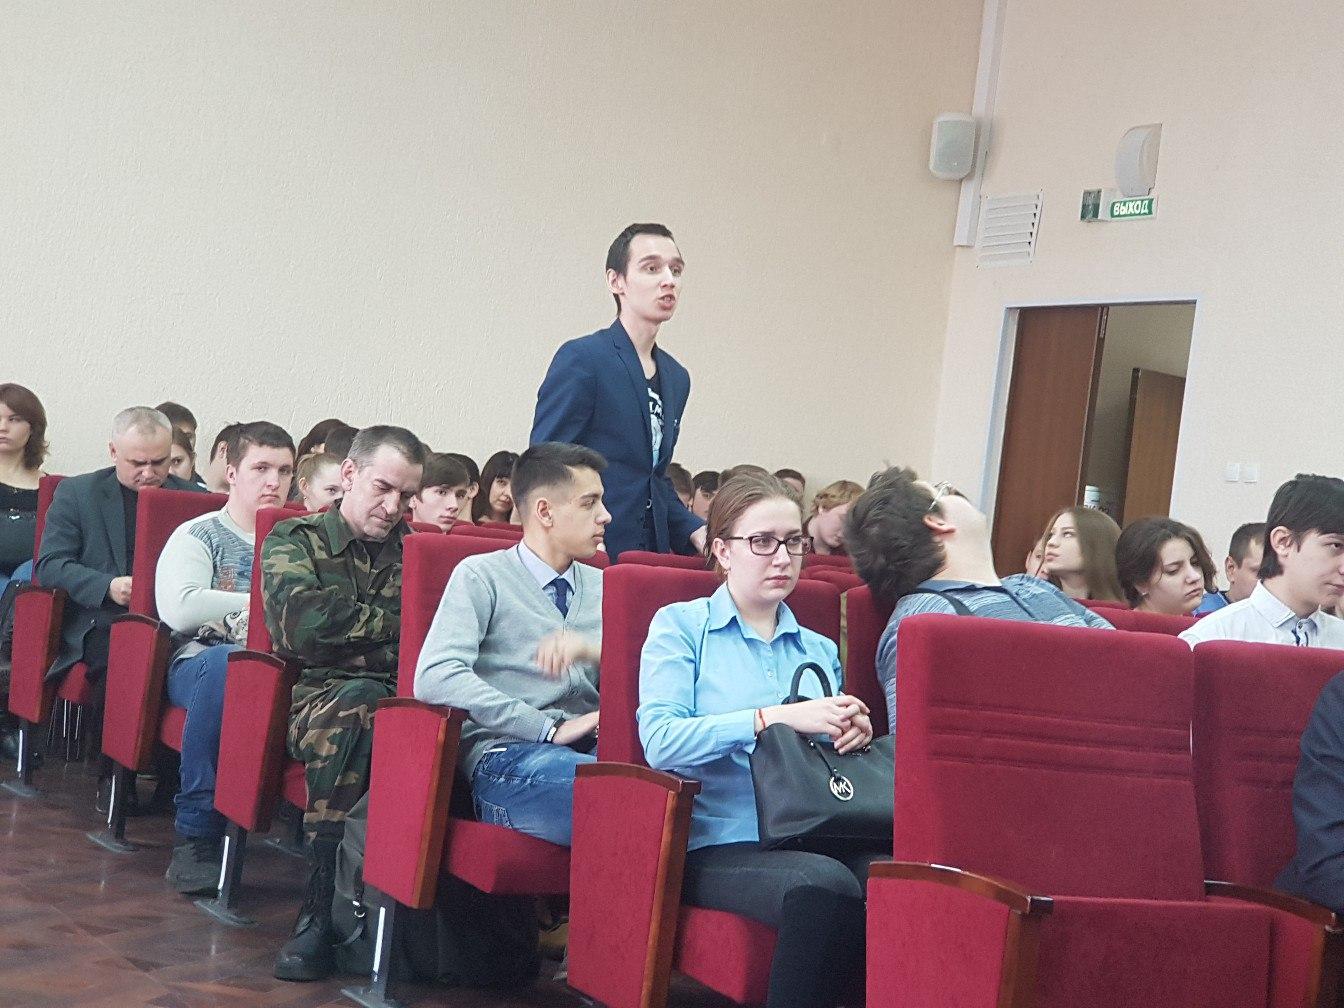 Как не сесть за комментарий в интернете: полицейский прочитал лекцию курганским студентам